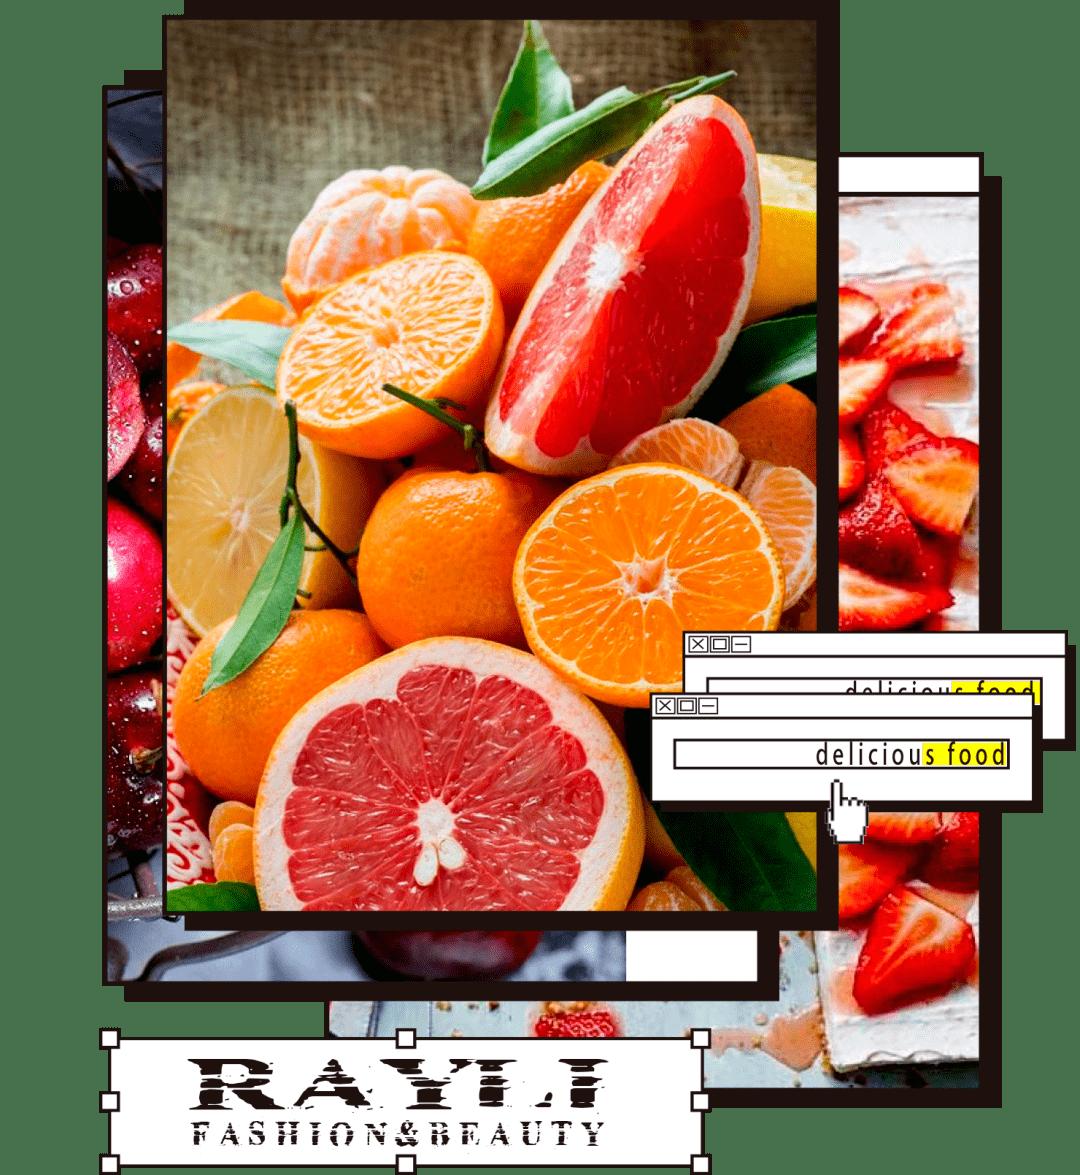 冬季精致女生行为奖励:吃水果